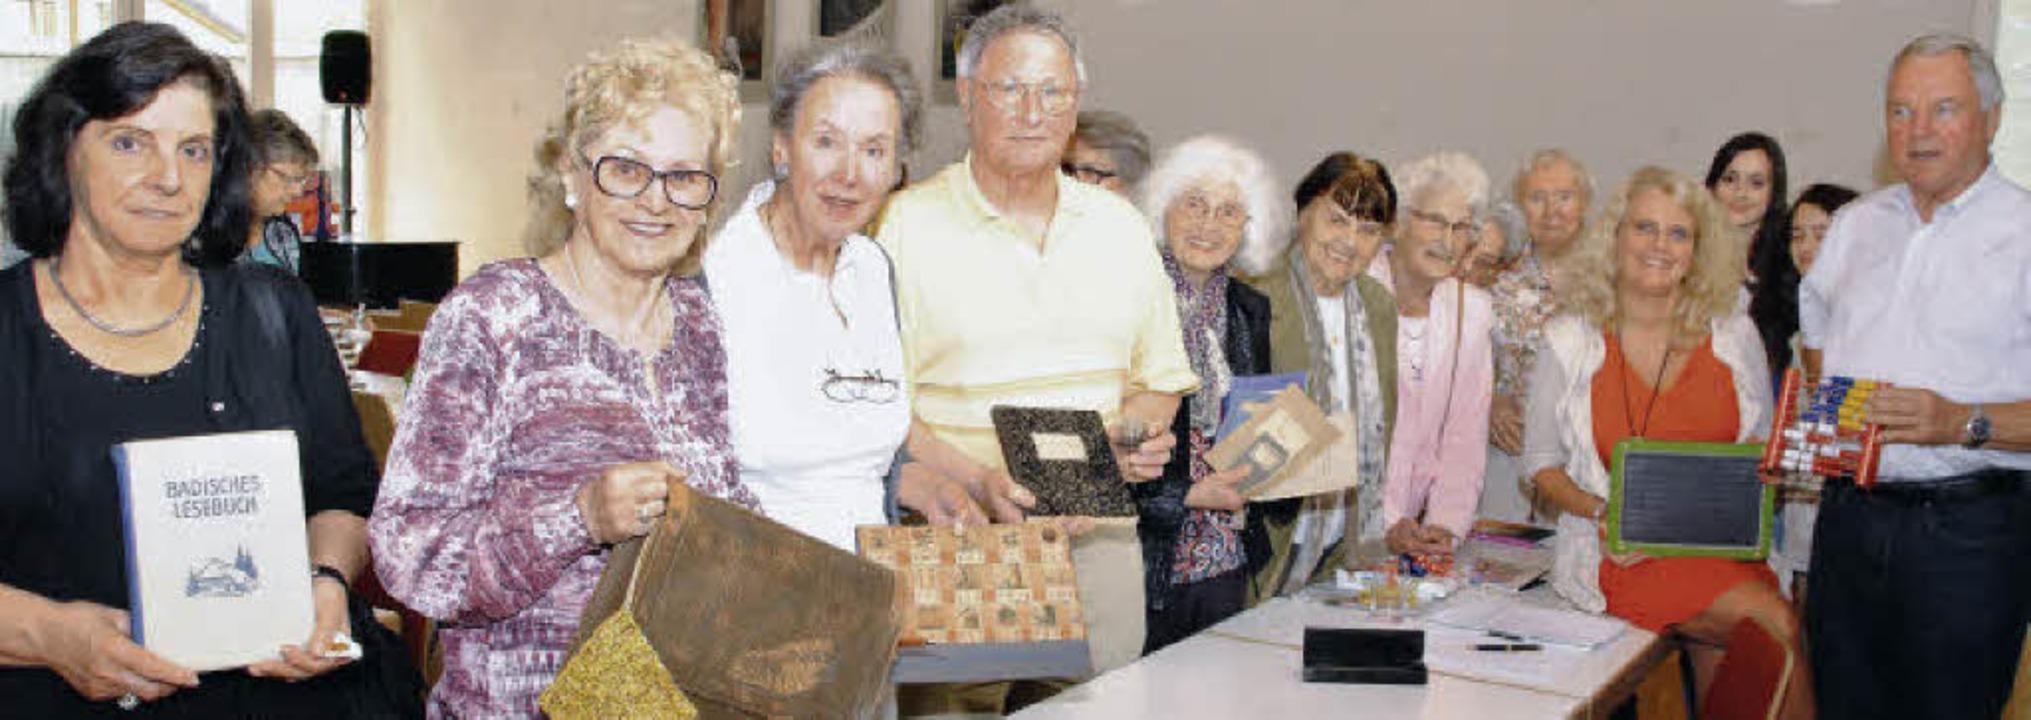 Mit einem unterhaltsamen Vortrag über ...chts) seine Zuhörer der Senioren-VHS.     Foto: Sedlak